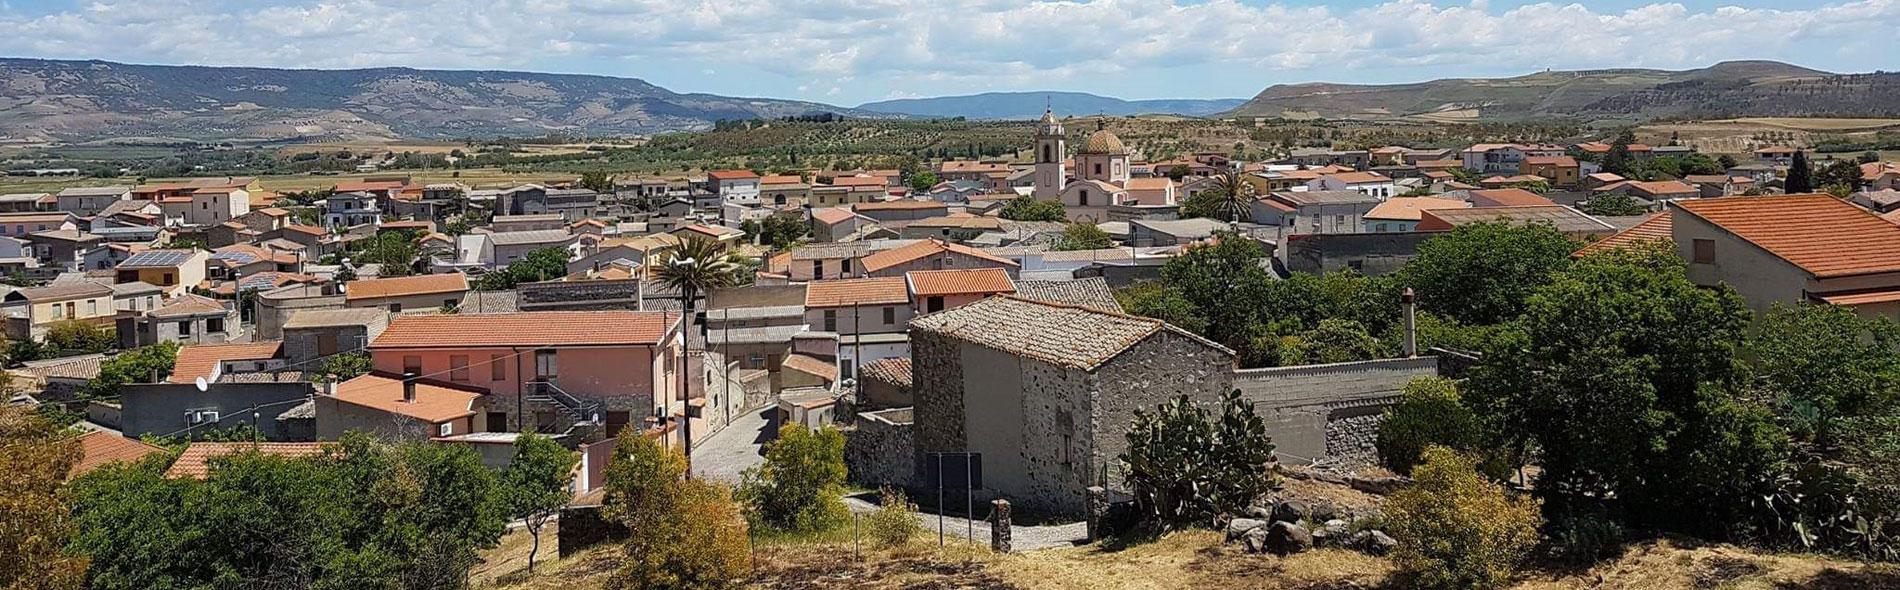 Panoramica Ussaramanna